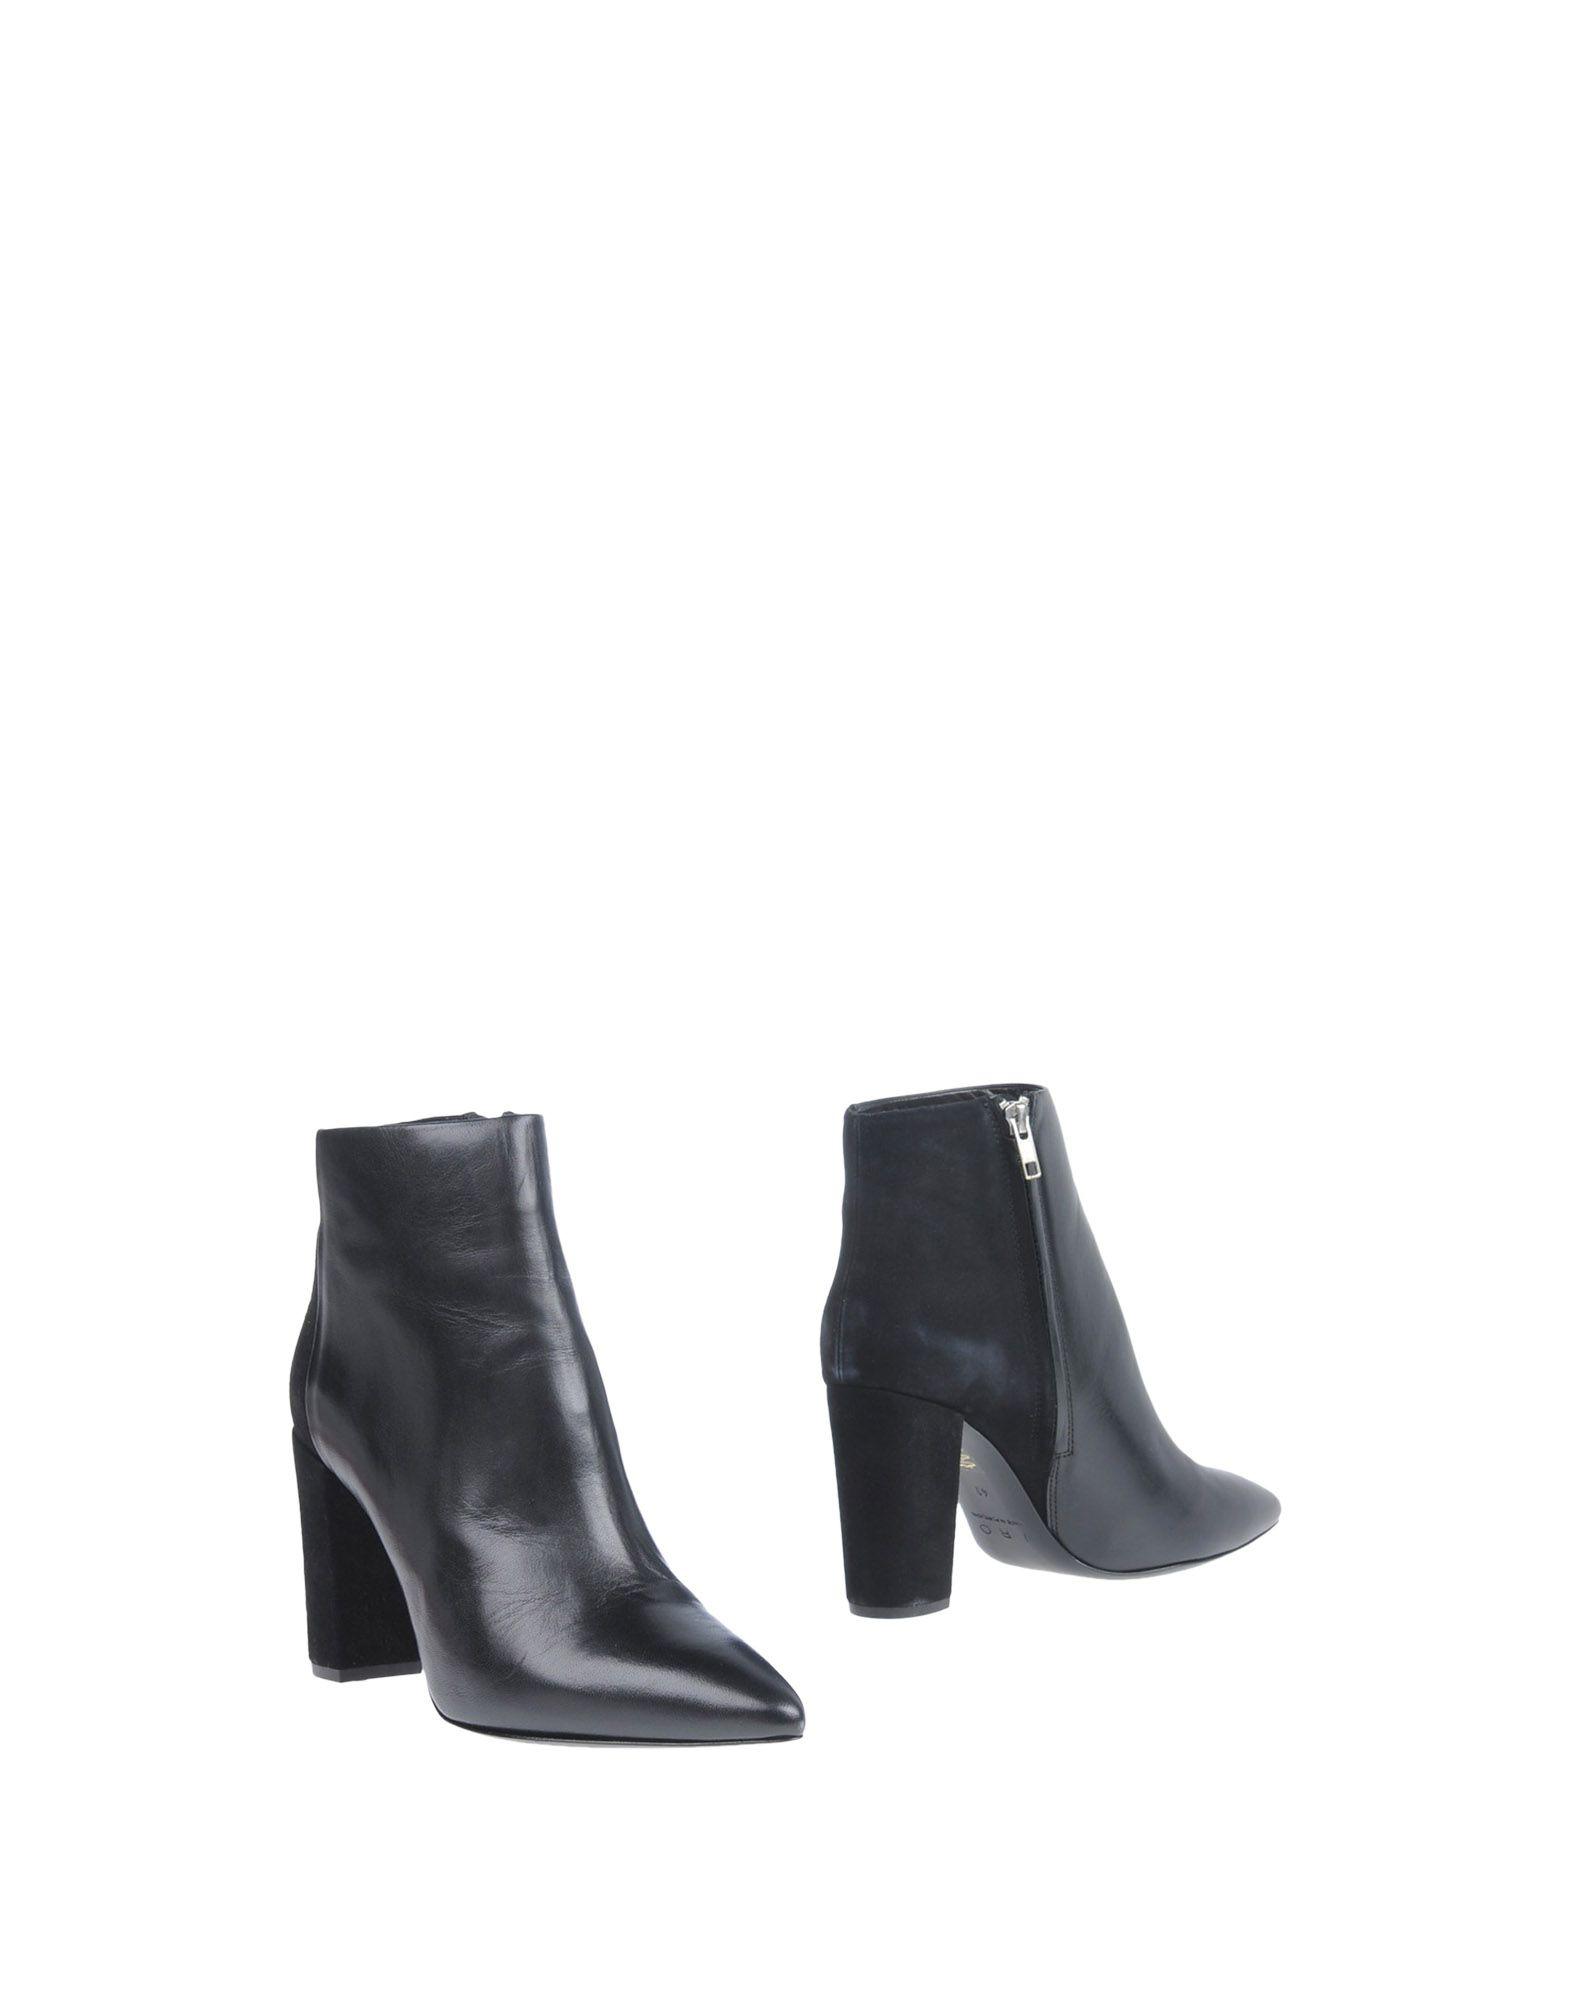 IRO Damen Stiefelette Farbe Schwarz Größe 15 - broschei